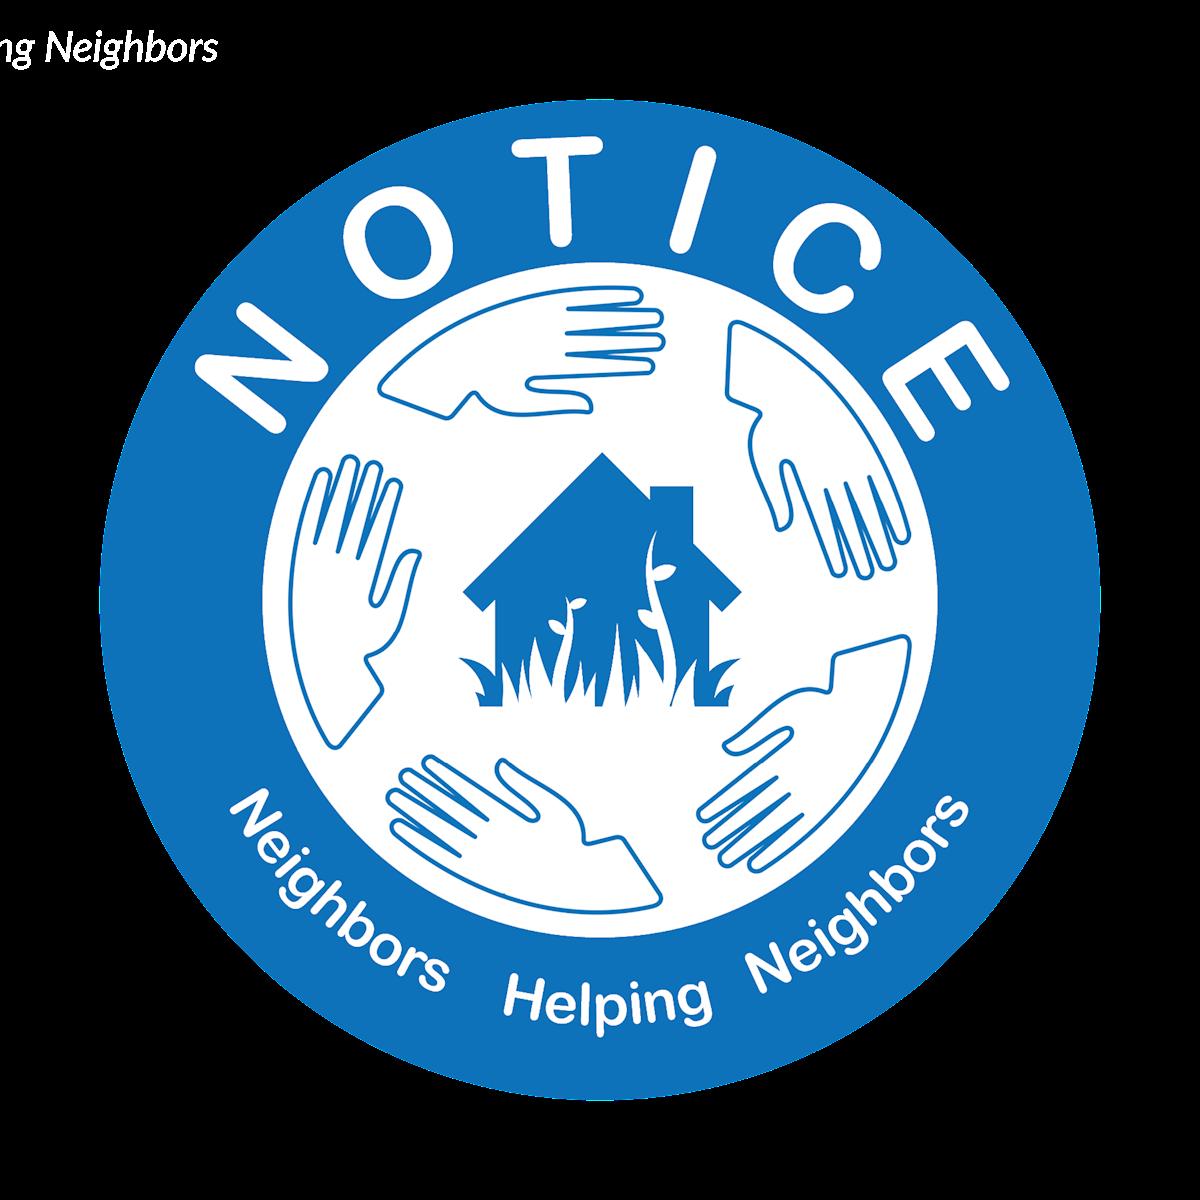 NOTICE logo